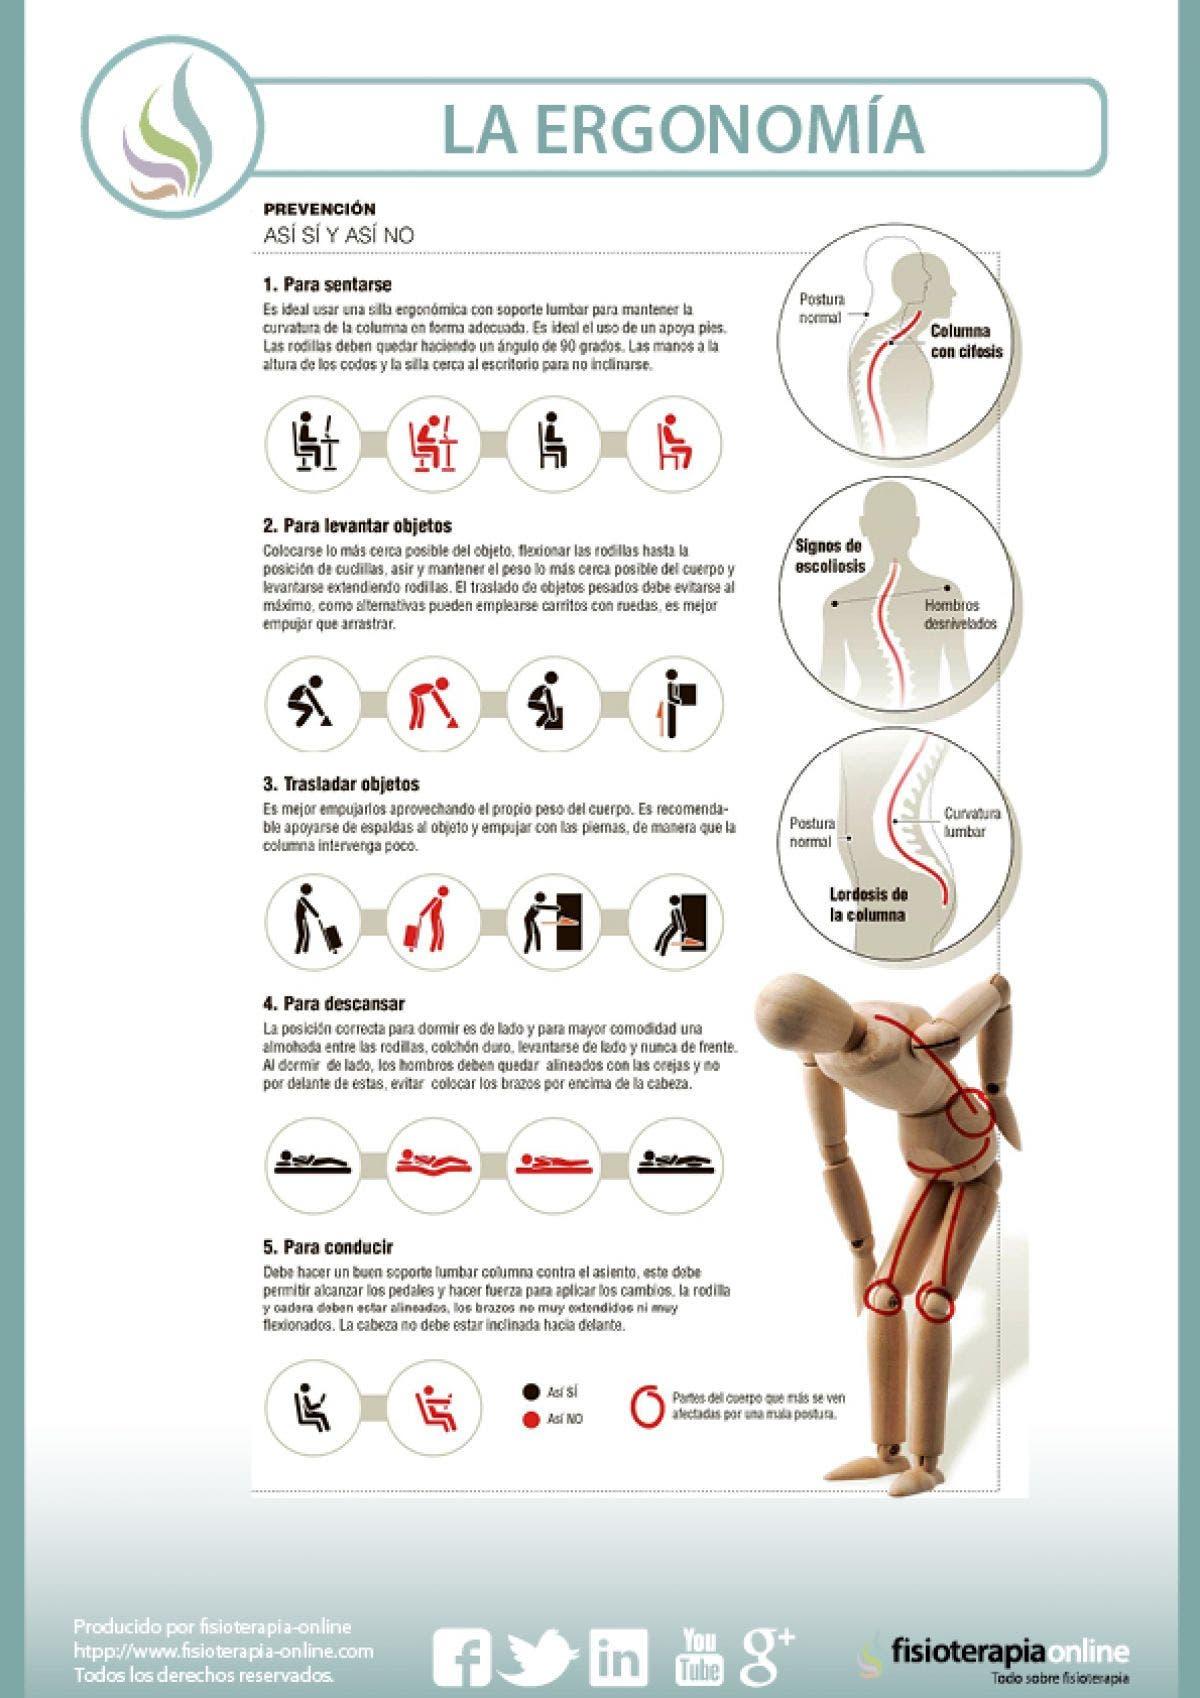 La Ergonomía, el arte de cuidar tu cuerpo, aprende cómo